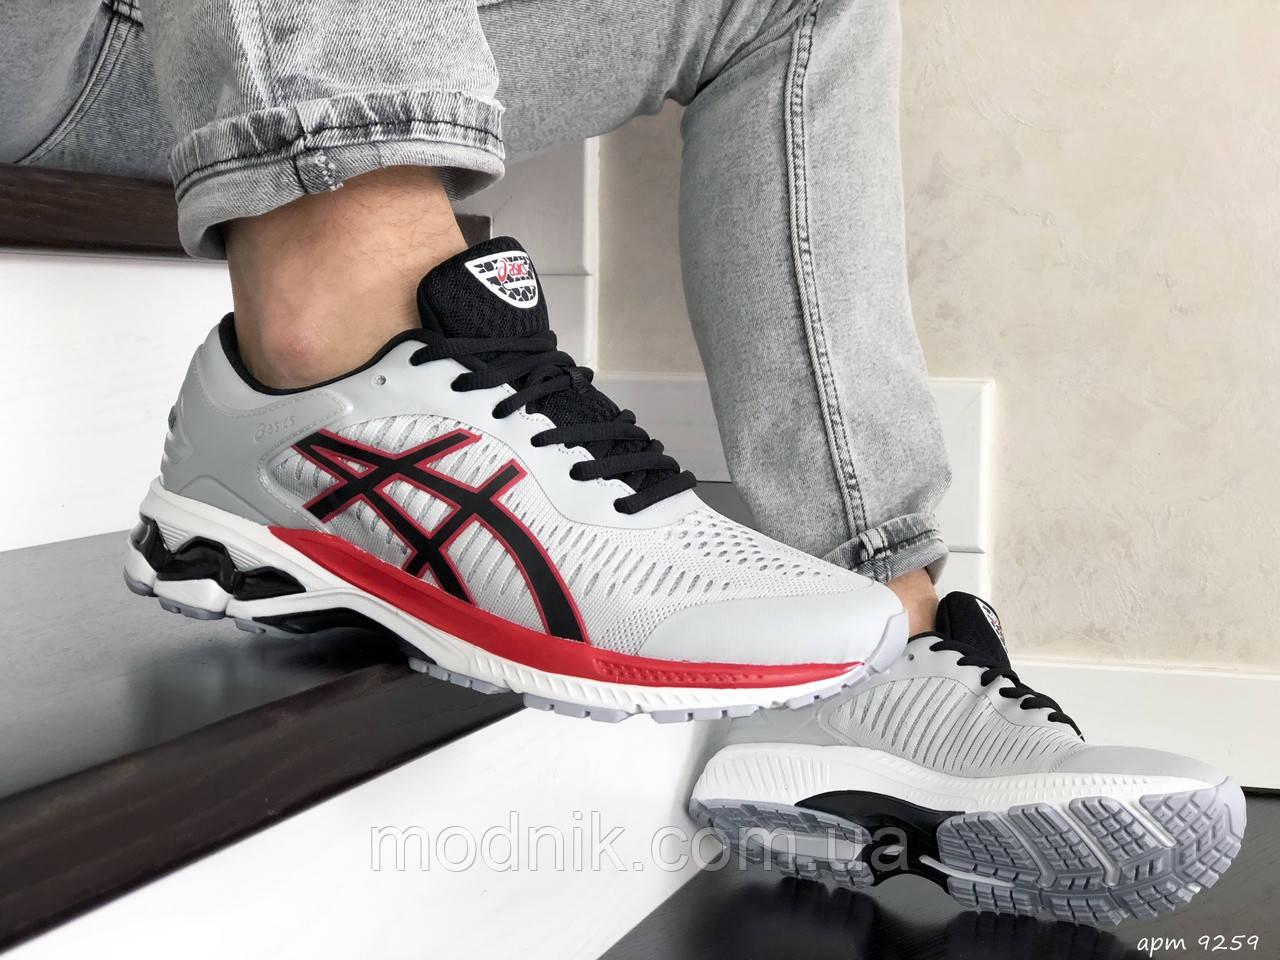 Мужские кроссовки Asics Gel-Kayano 25 (светло-серые с красным) 9259